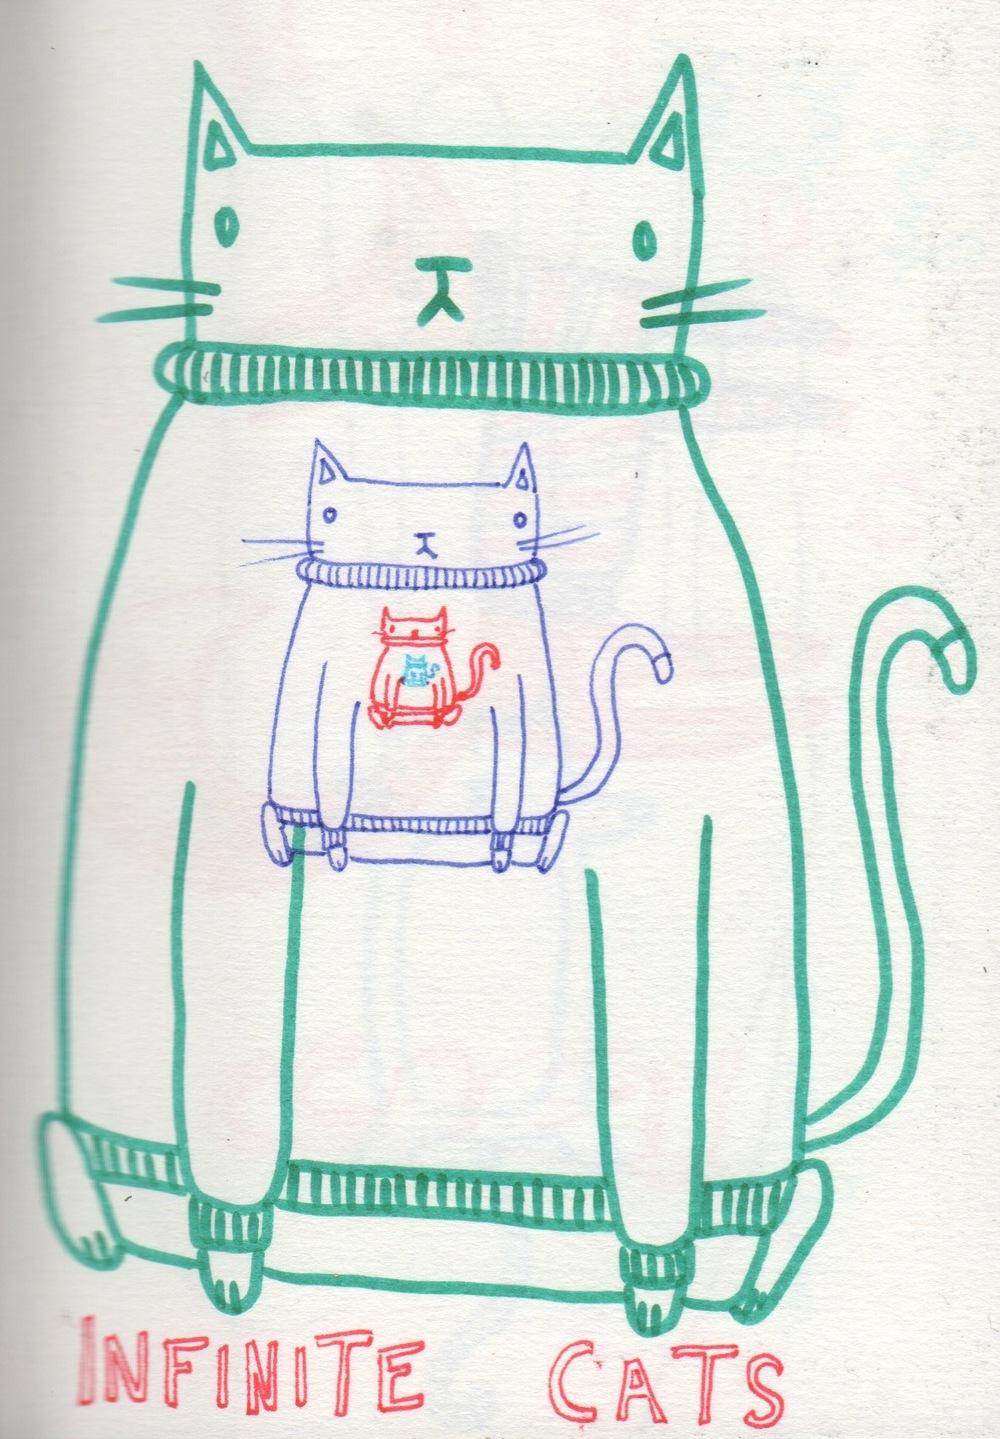 INFINITE CATS